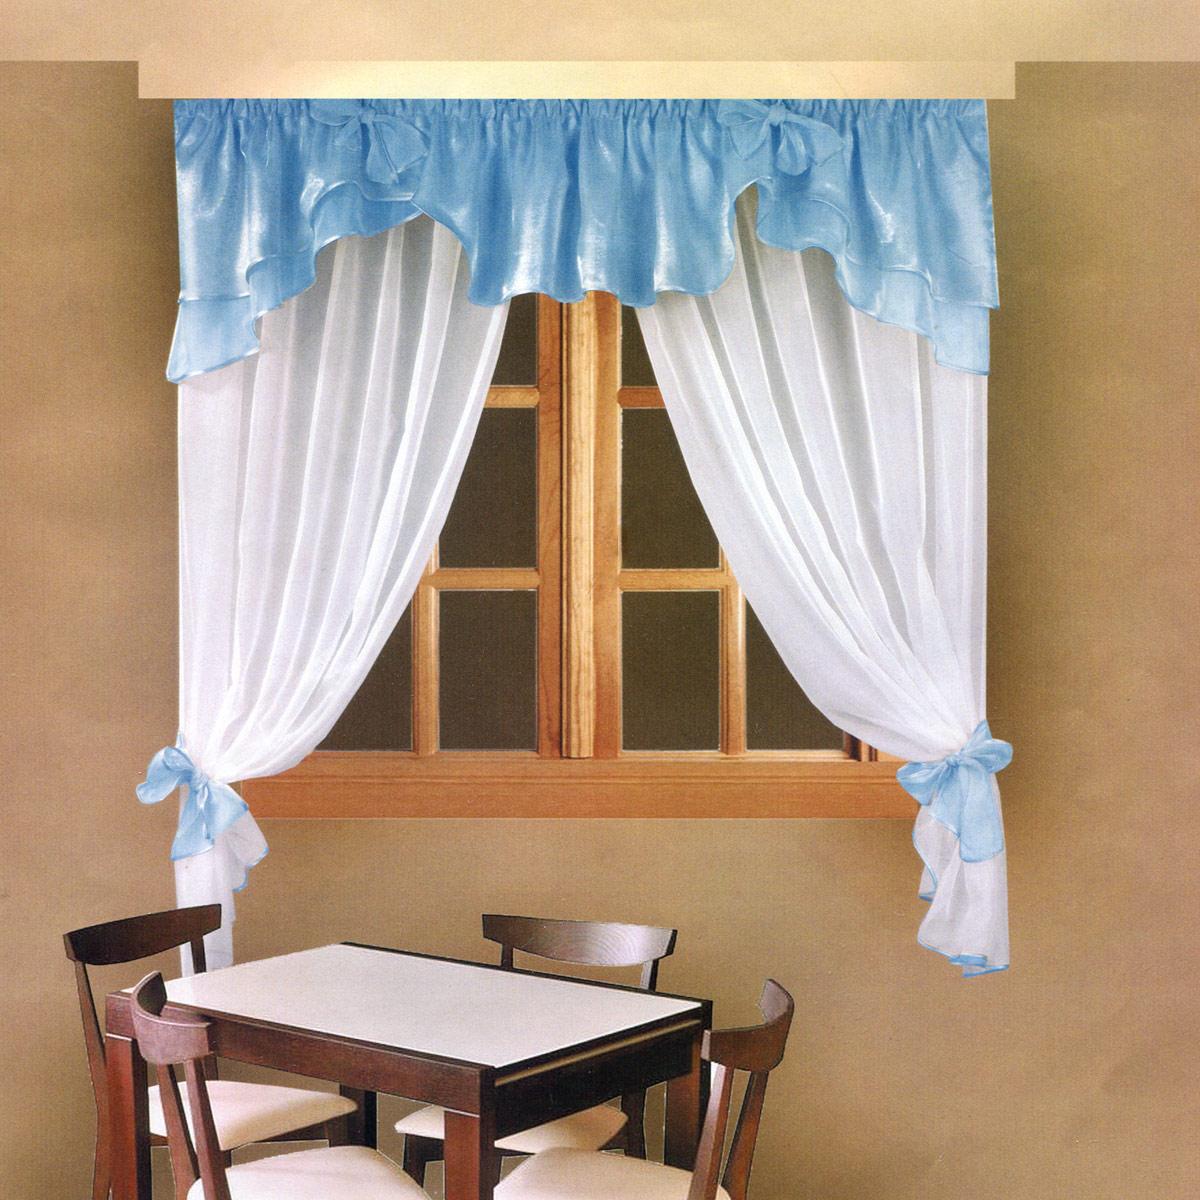 Комплект штор Zlata Korunka, на ленте, цвет: голубой, высота 160 см. Б029Б029Роскошный комплект штор Zlata Korunka, выполненный из полиэстера, великолепно украсит любое окно. Комплект состоит из ламбрекена и тюля. Воздушная ткань и приятная, приглушенная гамма привлекут к себе внимание и органично впишутся в интерьер помещения. Этот комплект будет долгое время радовать вас и вашу семью! Шторы крепятся на карниз при помощи ленты, которая поможет красиво и равномерно задрапировать верх. Тюль можно зафиксировать в одном положении с помощью двух подхватов, которые можно завязать в банты.